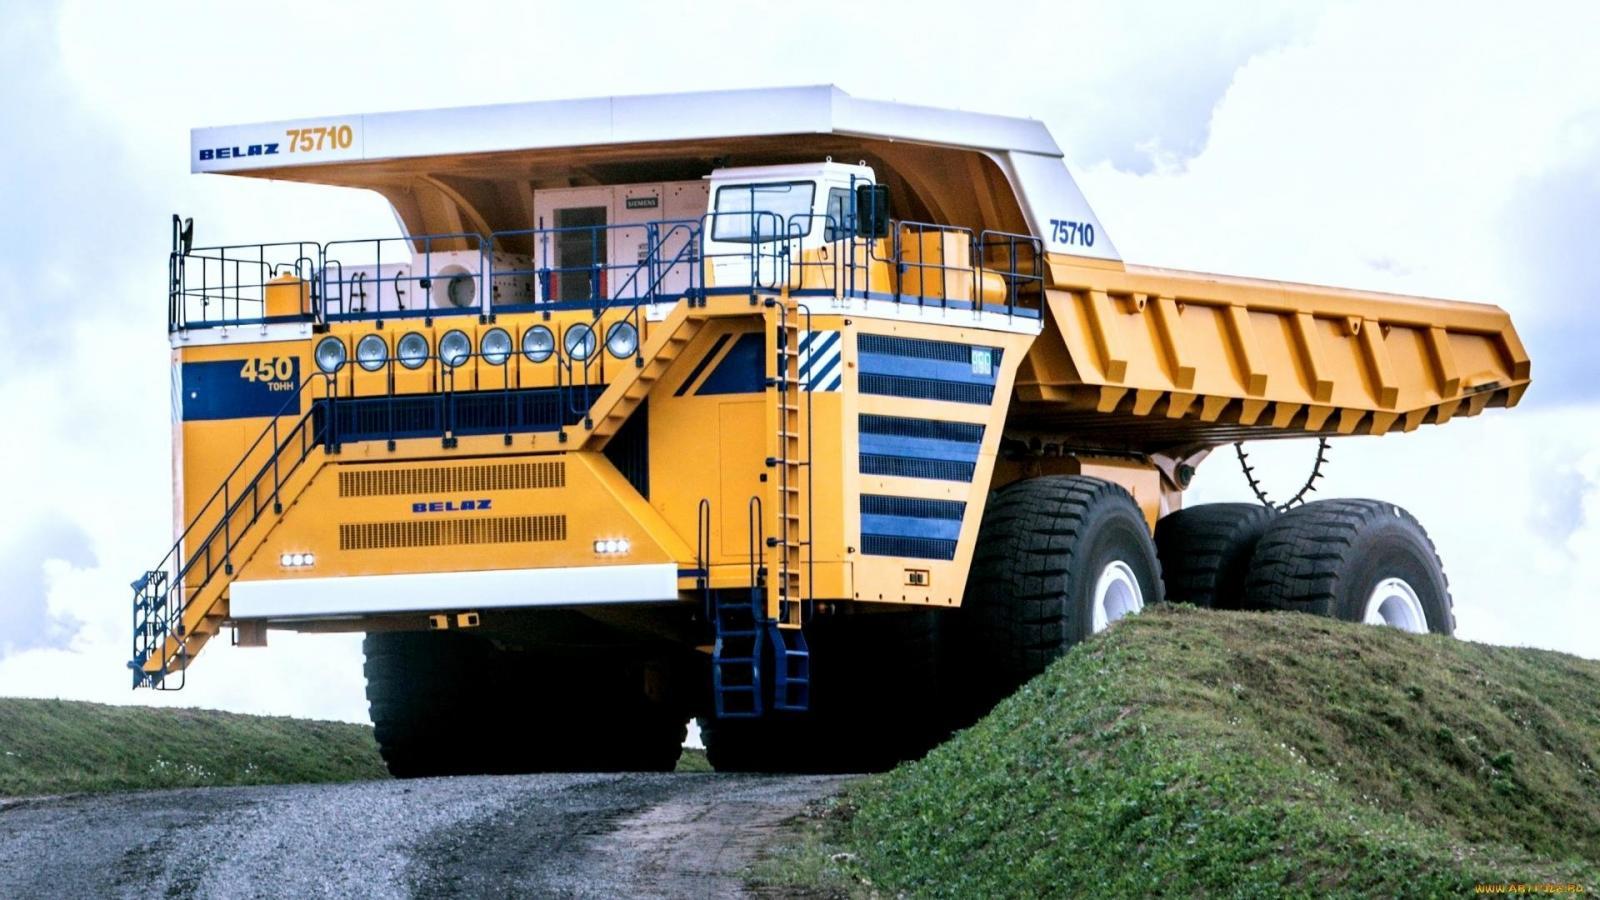 Camiones mas grandes del mundo BelAZ 75710